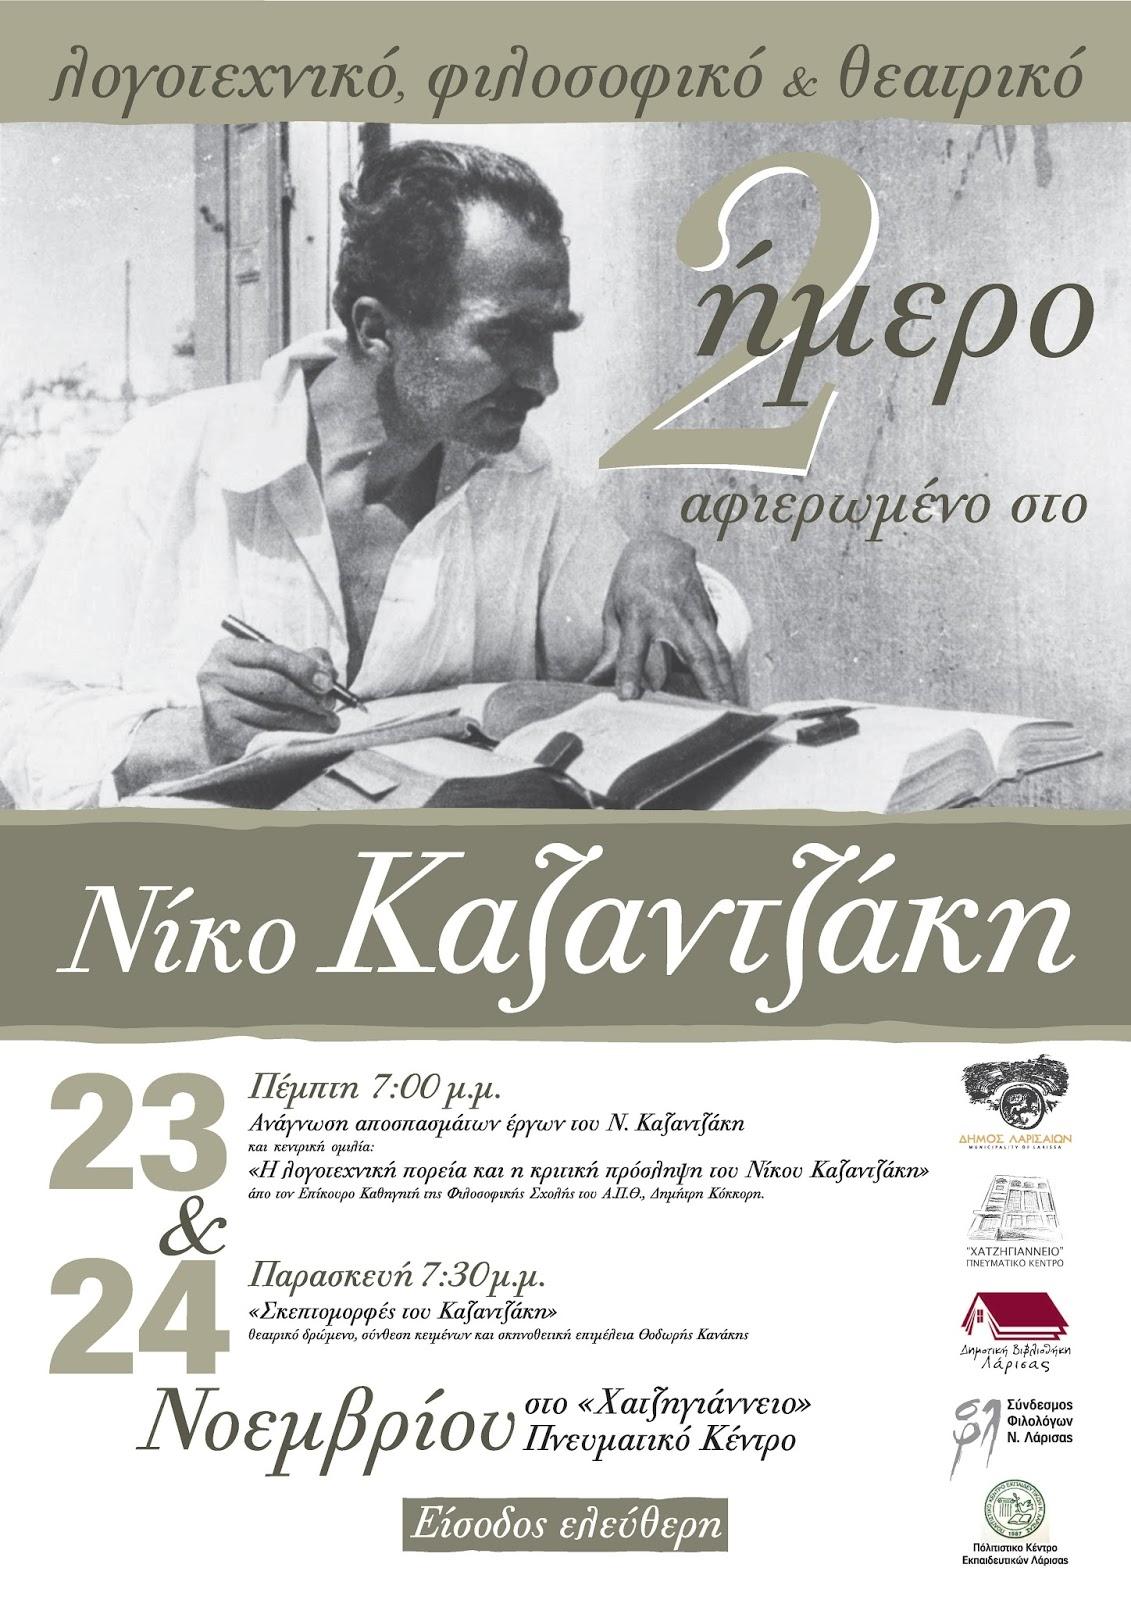 Λογοτεχνικό, φιλοσοφικό & θεατρικό 2ήμερο για το Ν. Καζαντζάκη, στο Χατζηγιάννειο